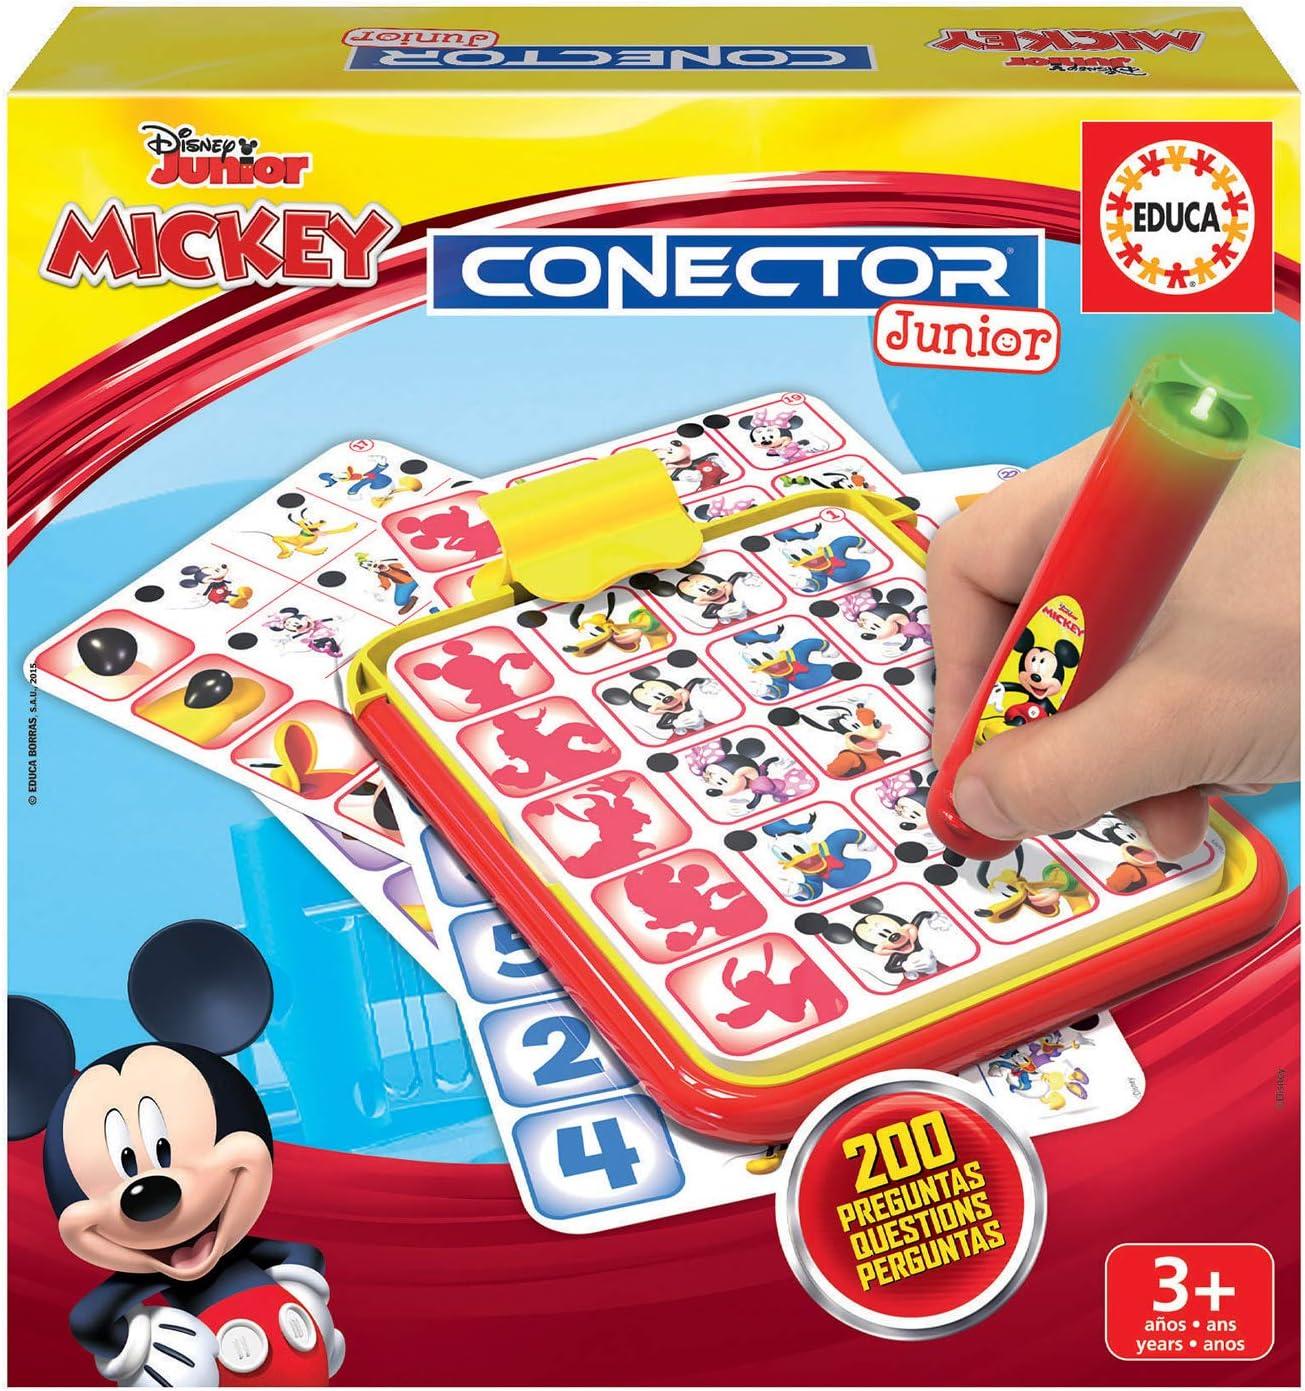 Educa- Conector Junior Mickey y Minnie Juego de Preguntas y respuestas, Incluye boli Sabio con led, para niños de Entre 3 y 5 años (18544): Amazon.es: Juguetes y juegos